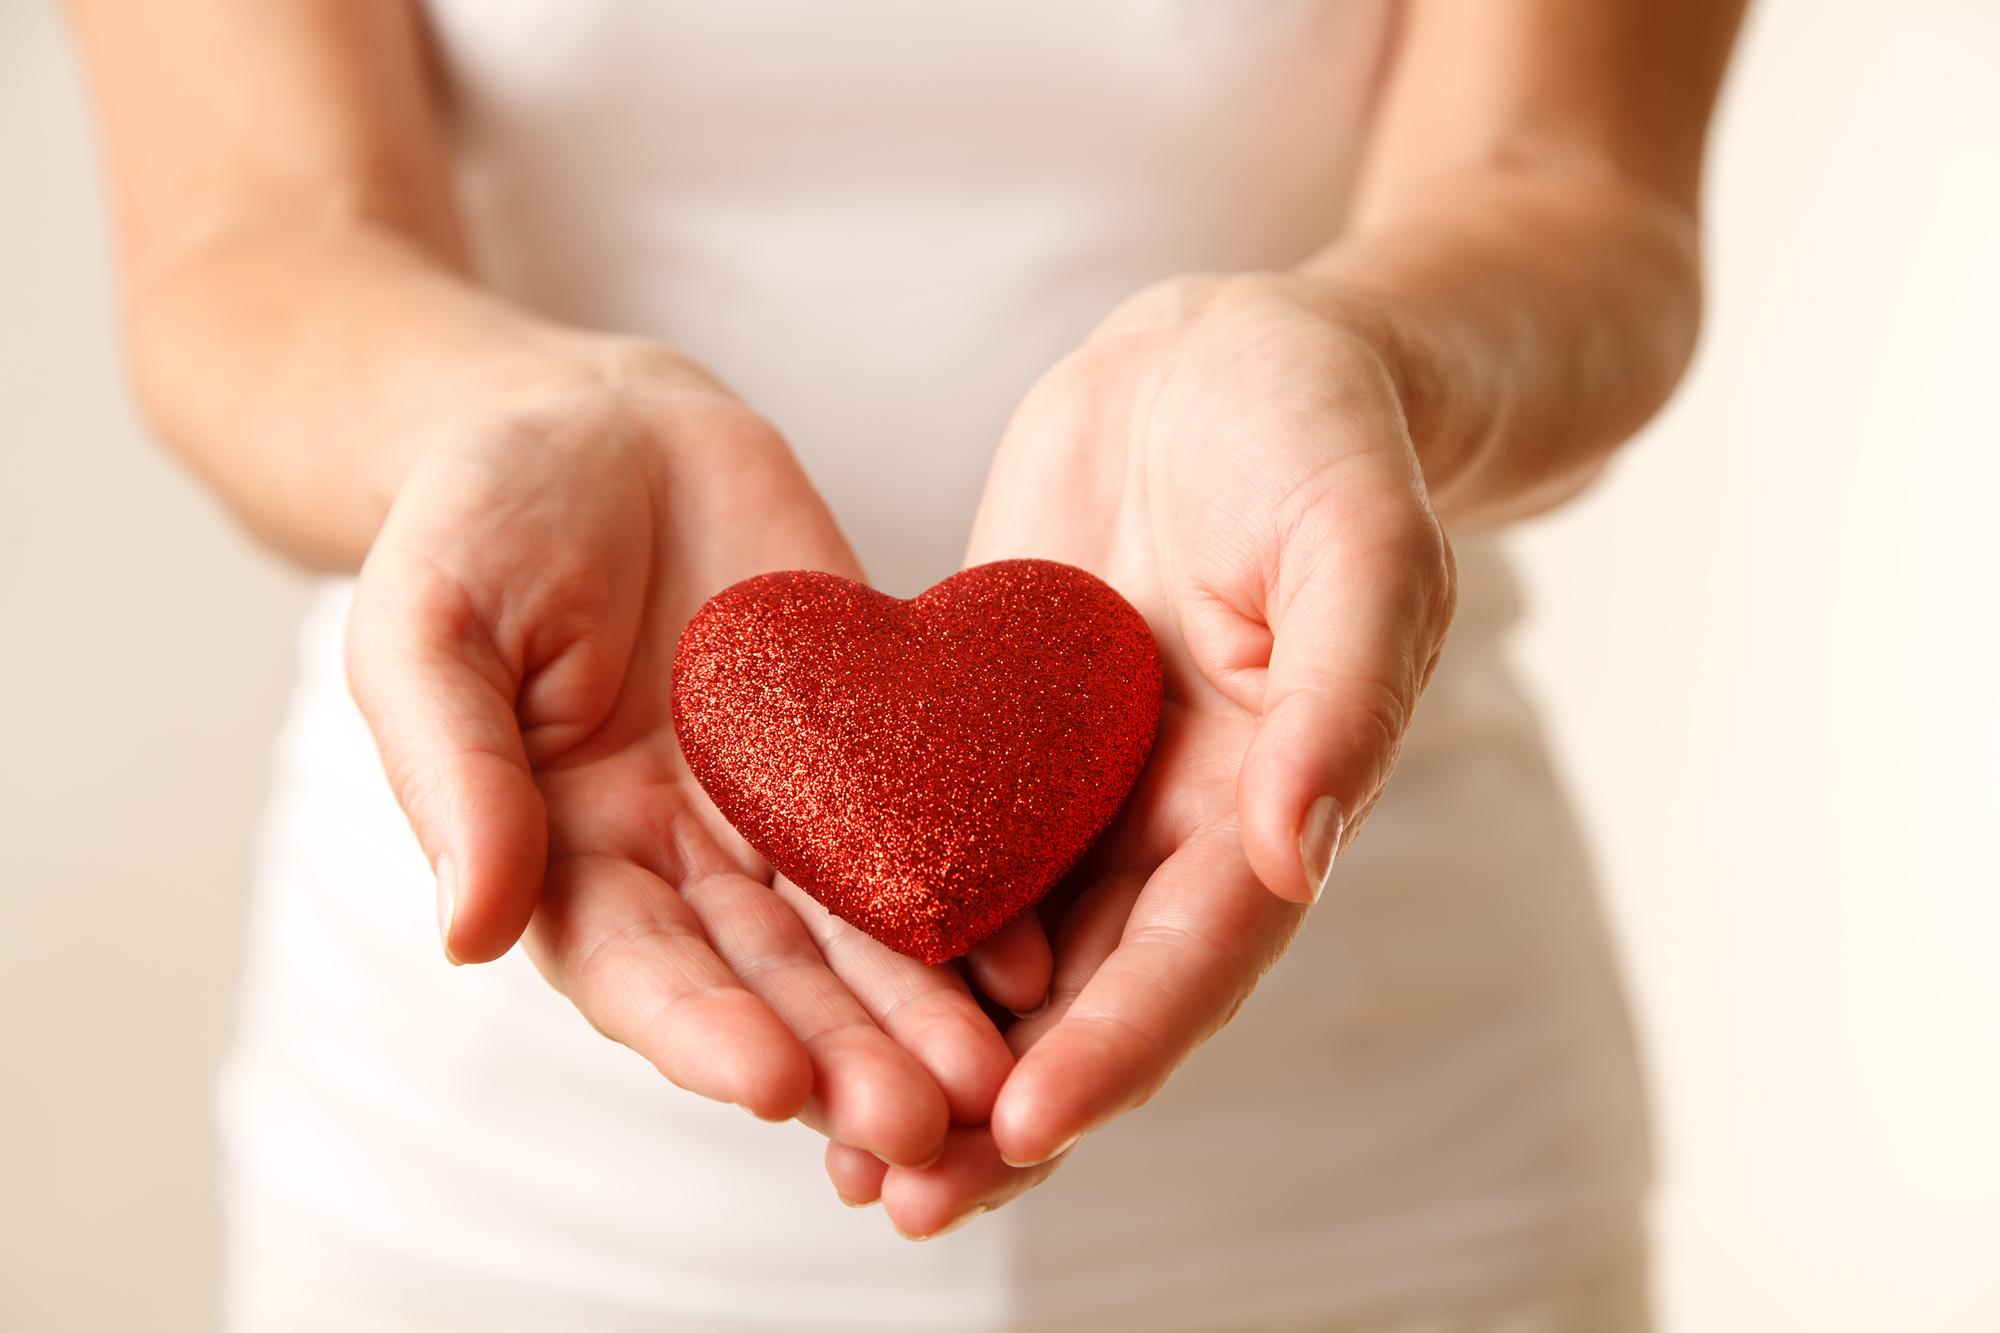 Твори добро: ТОП-5 способов стать благотворителем, не потратив ни копейки